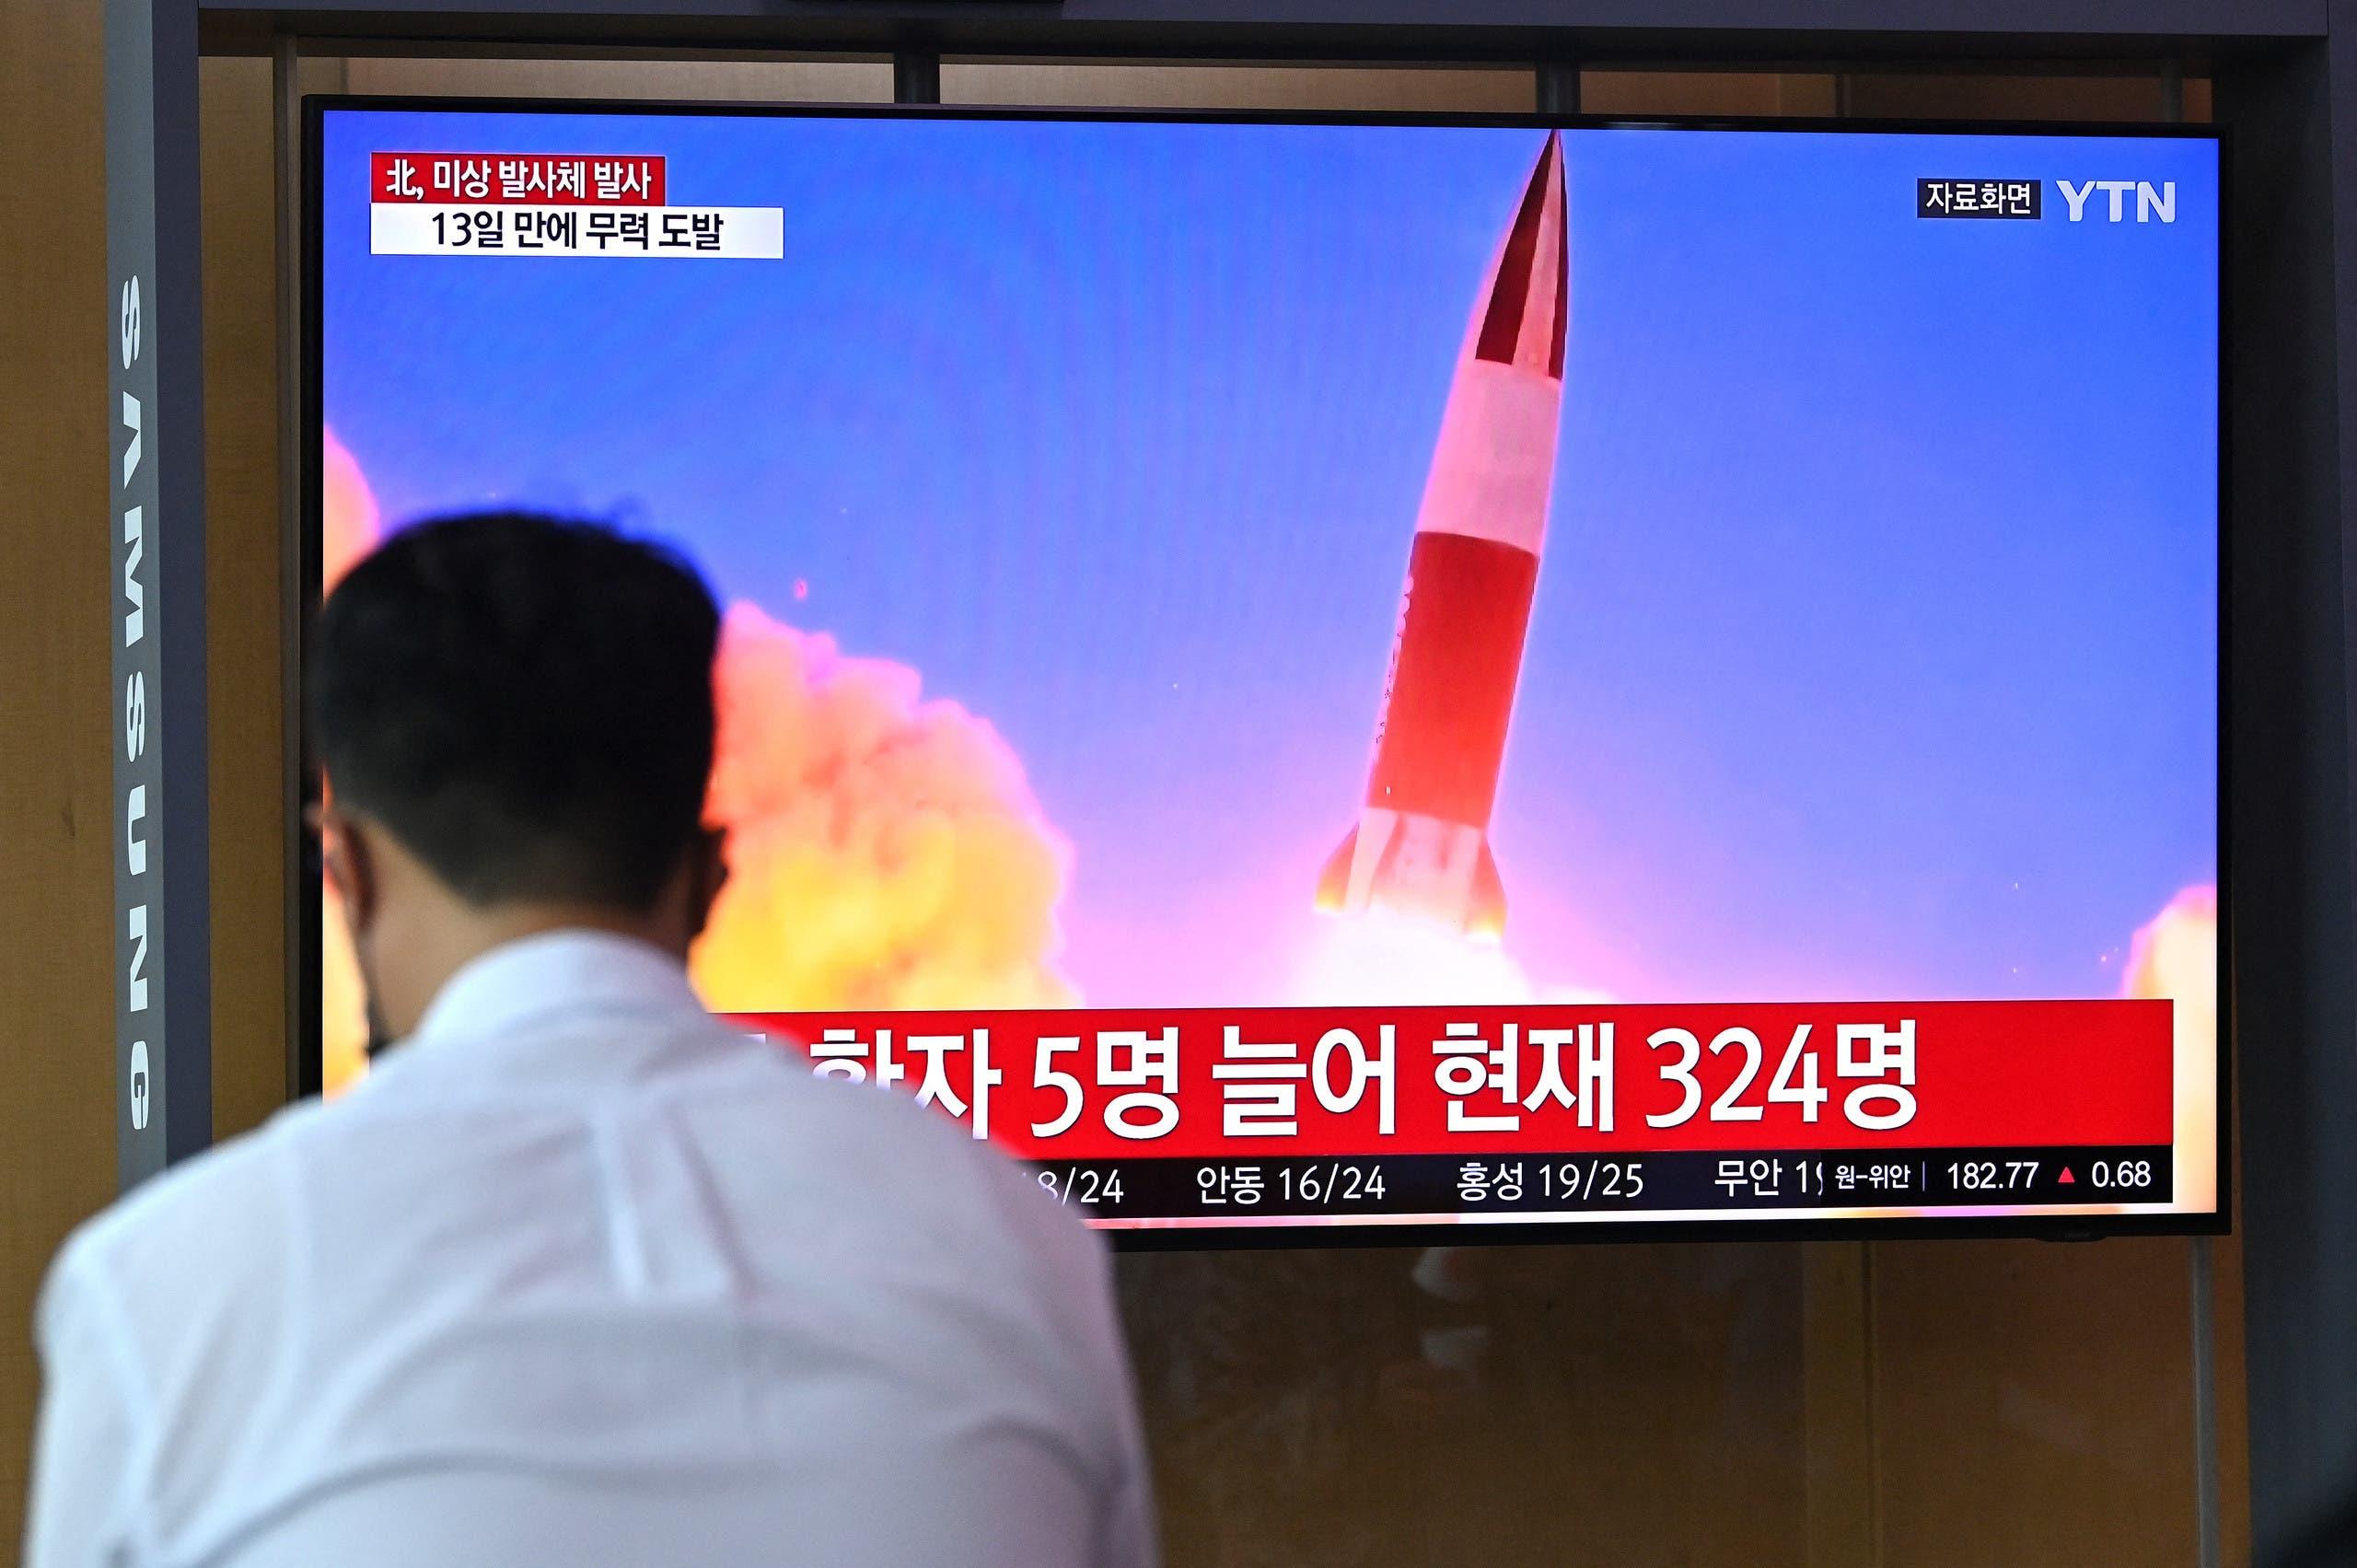 بث فيديو لإطلاق صاروخ غير محدد في كوريا الشمالية (أرشيفية)